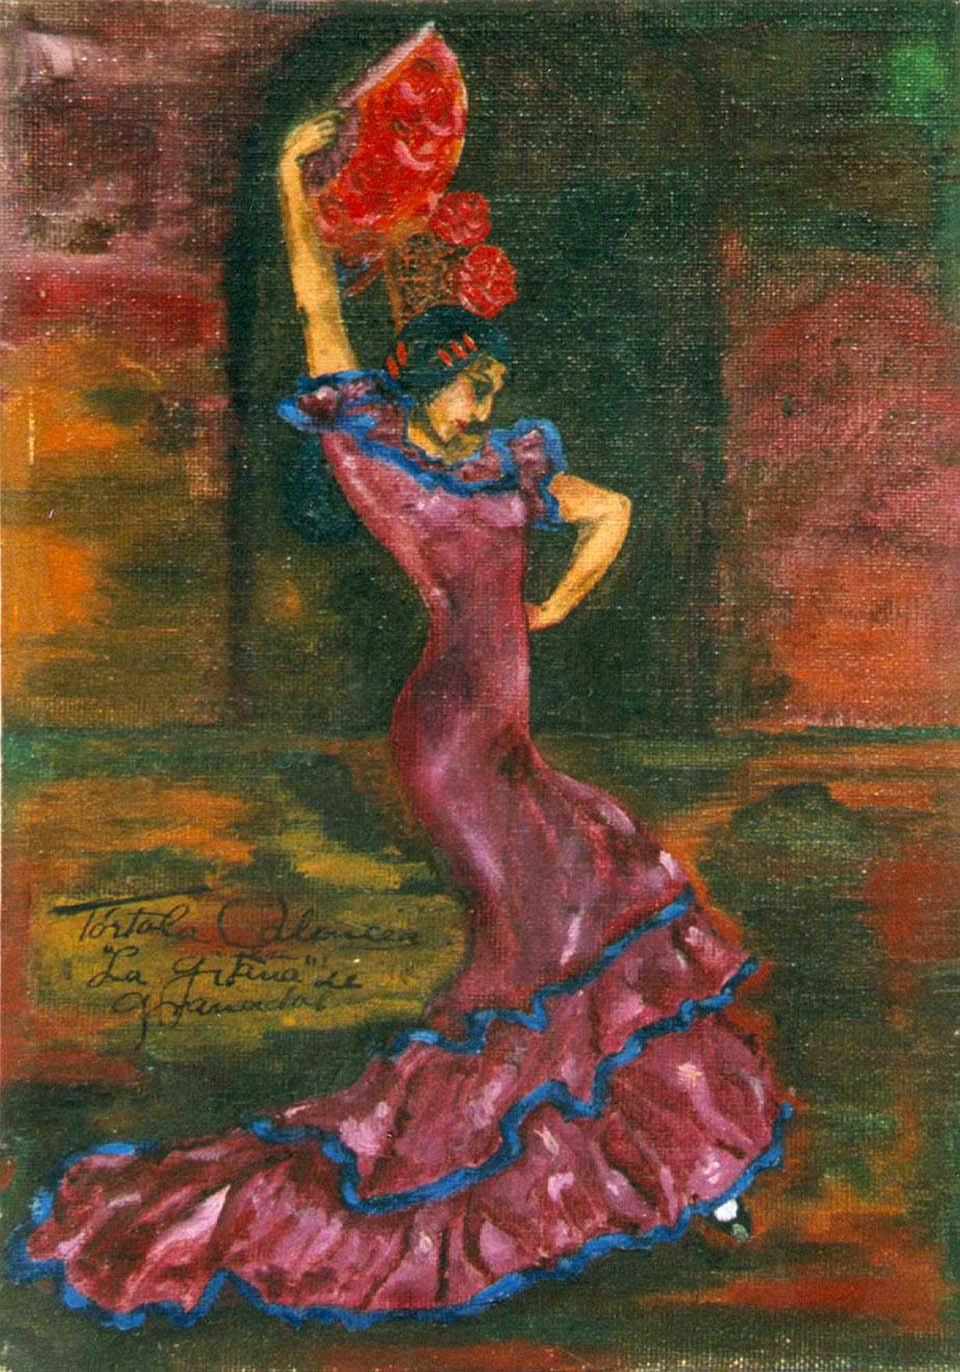 Autorretrat de Tórtola Valencia ballant La gitana de Granados